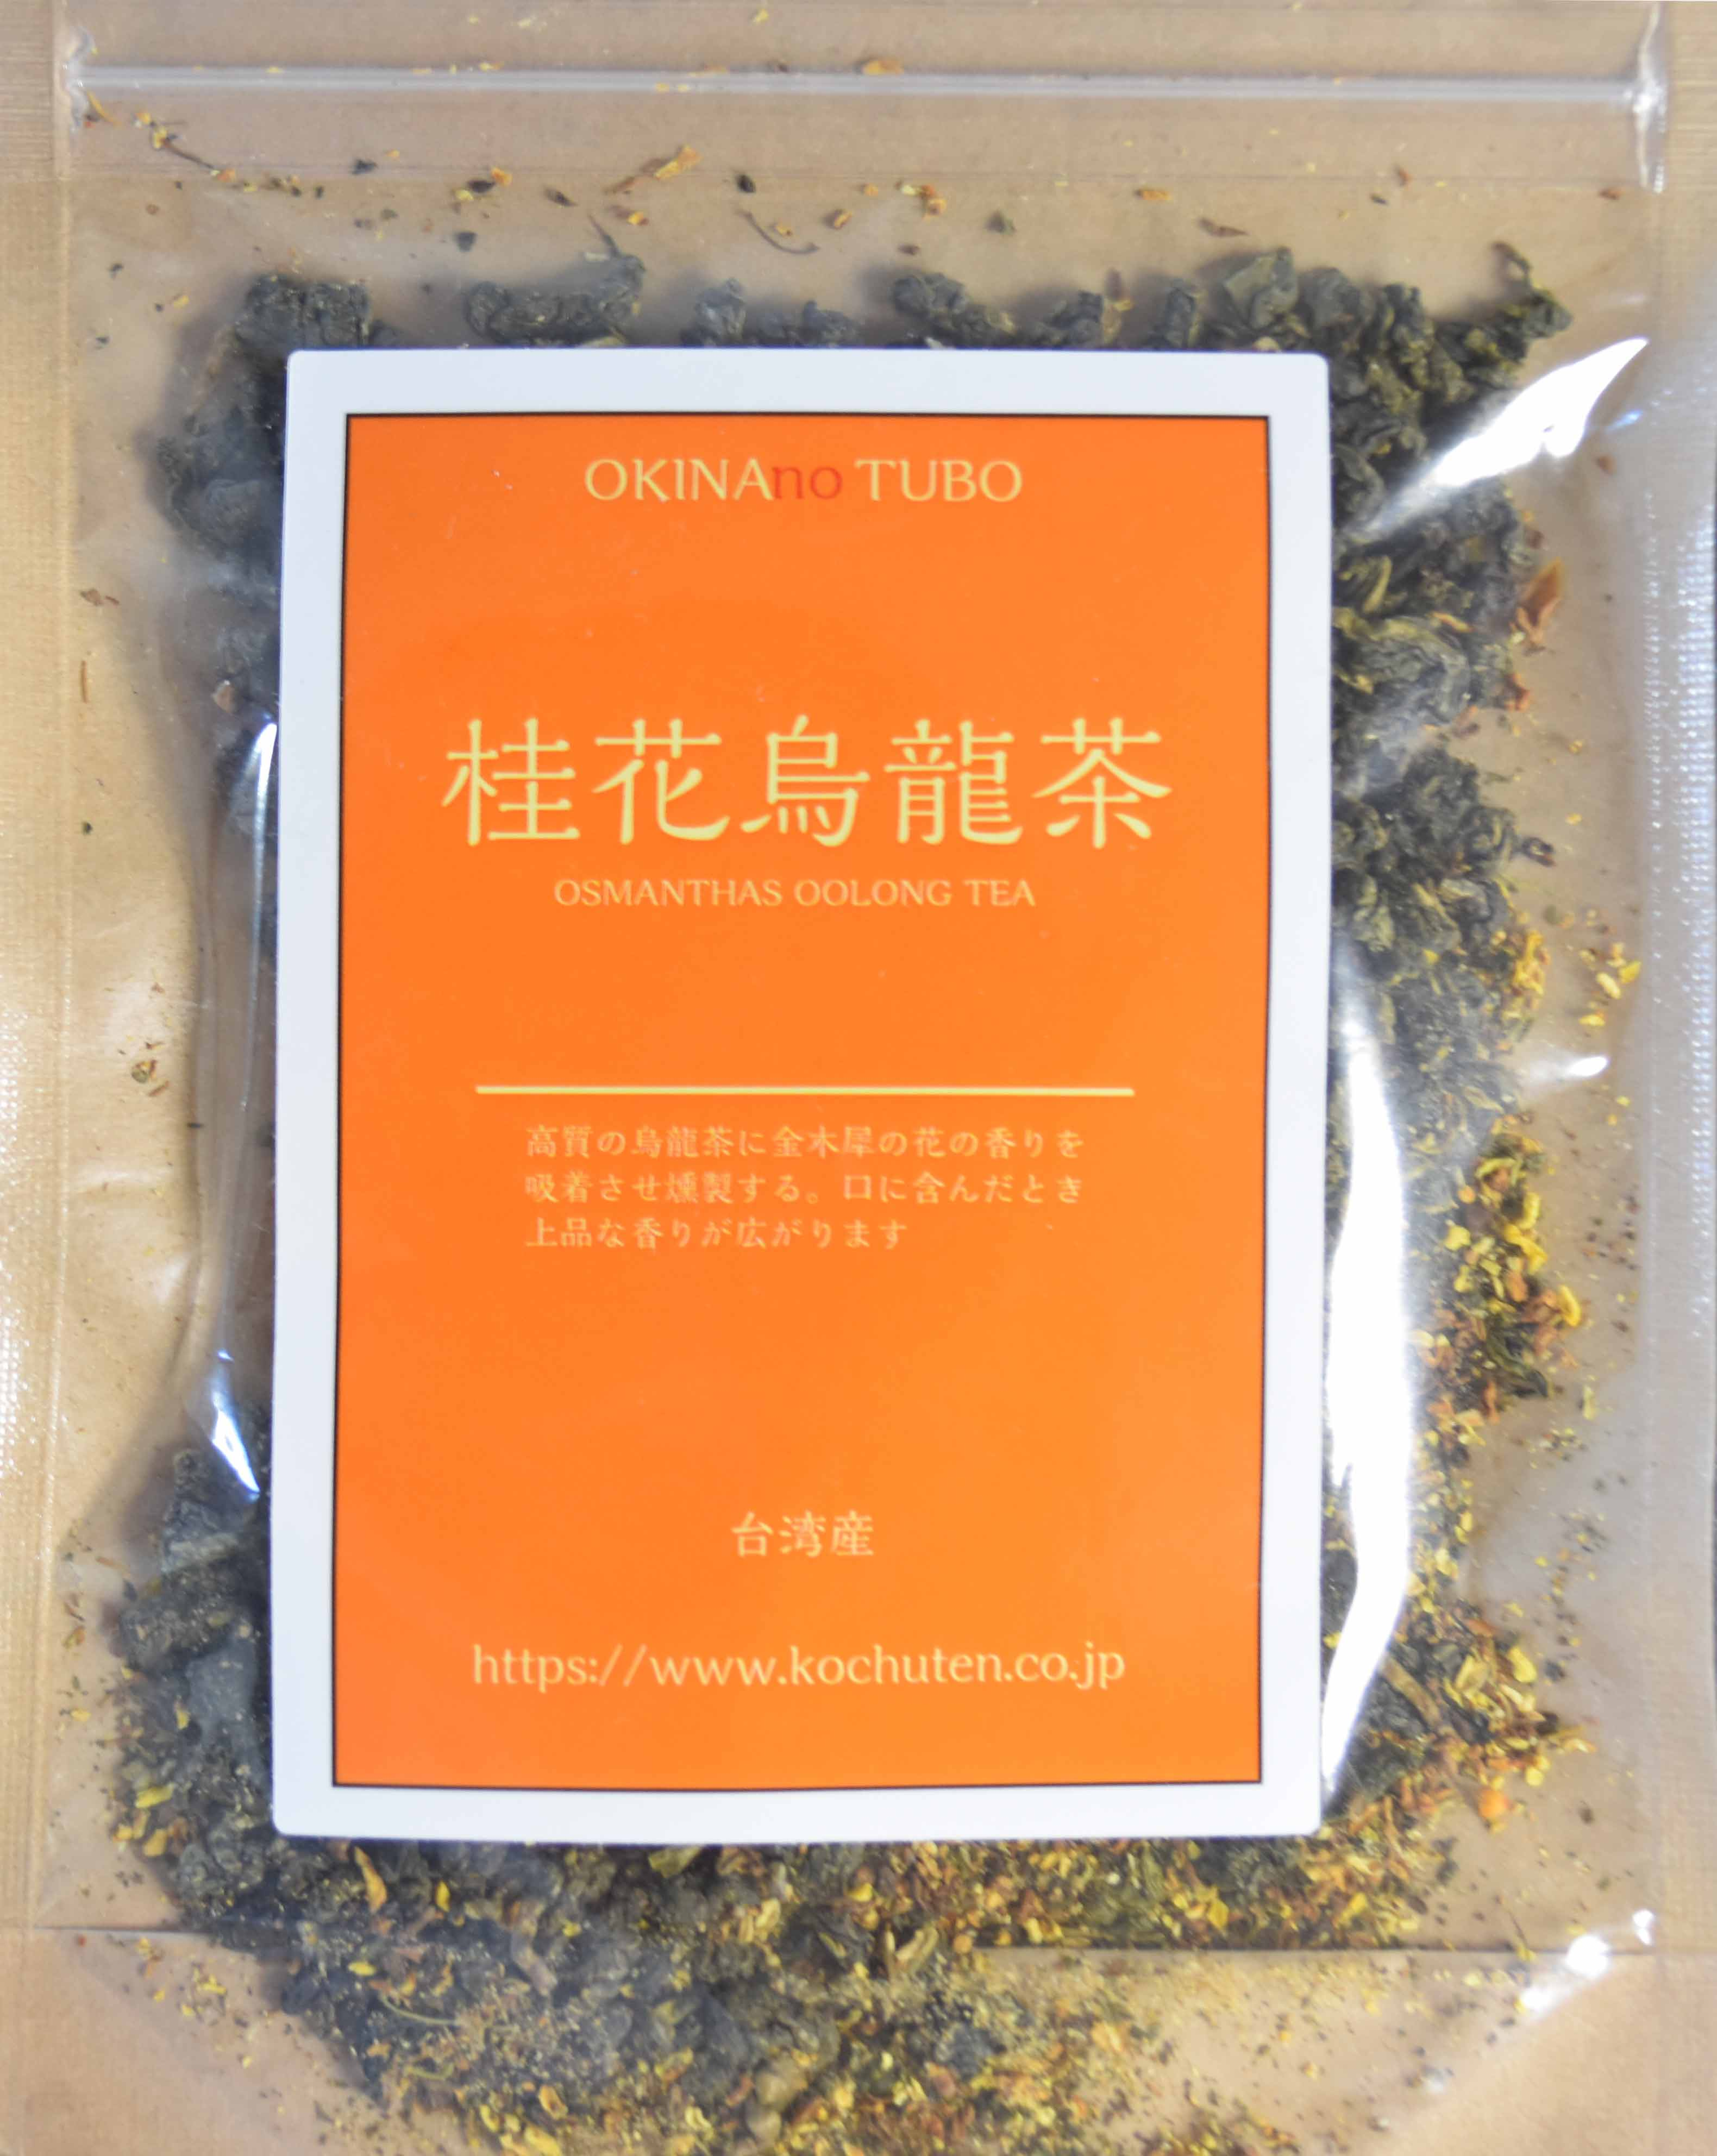 桂花烏龍茶